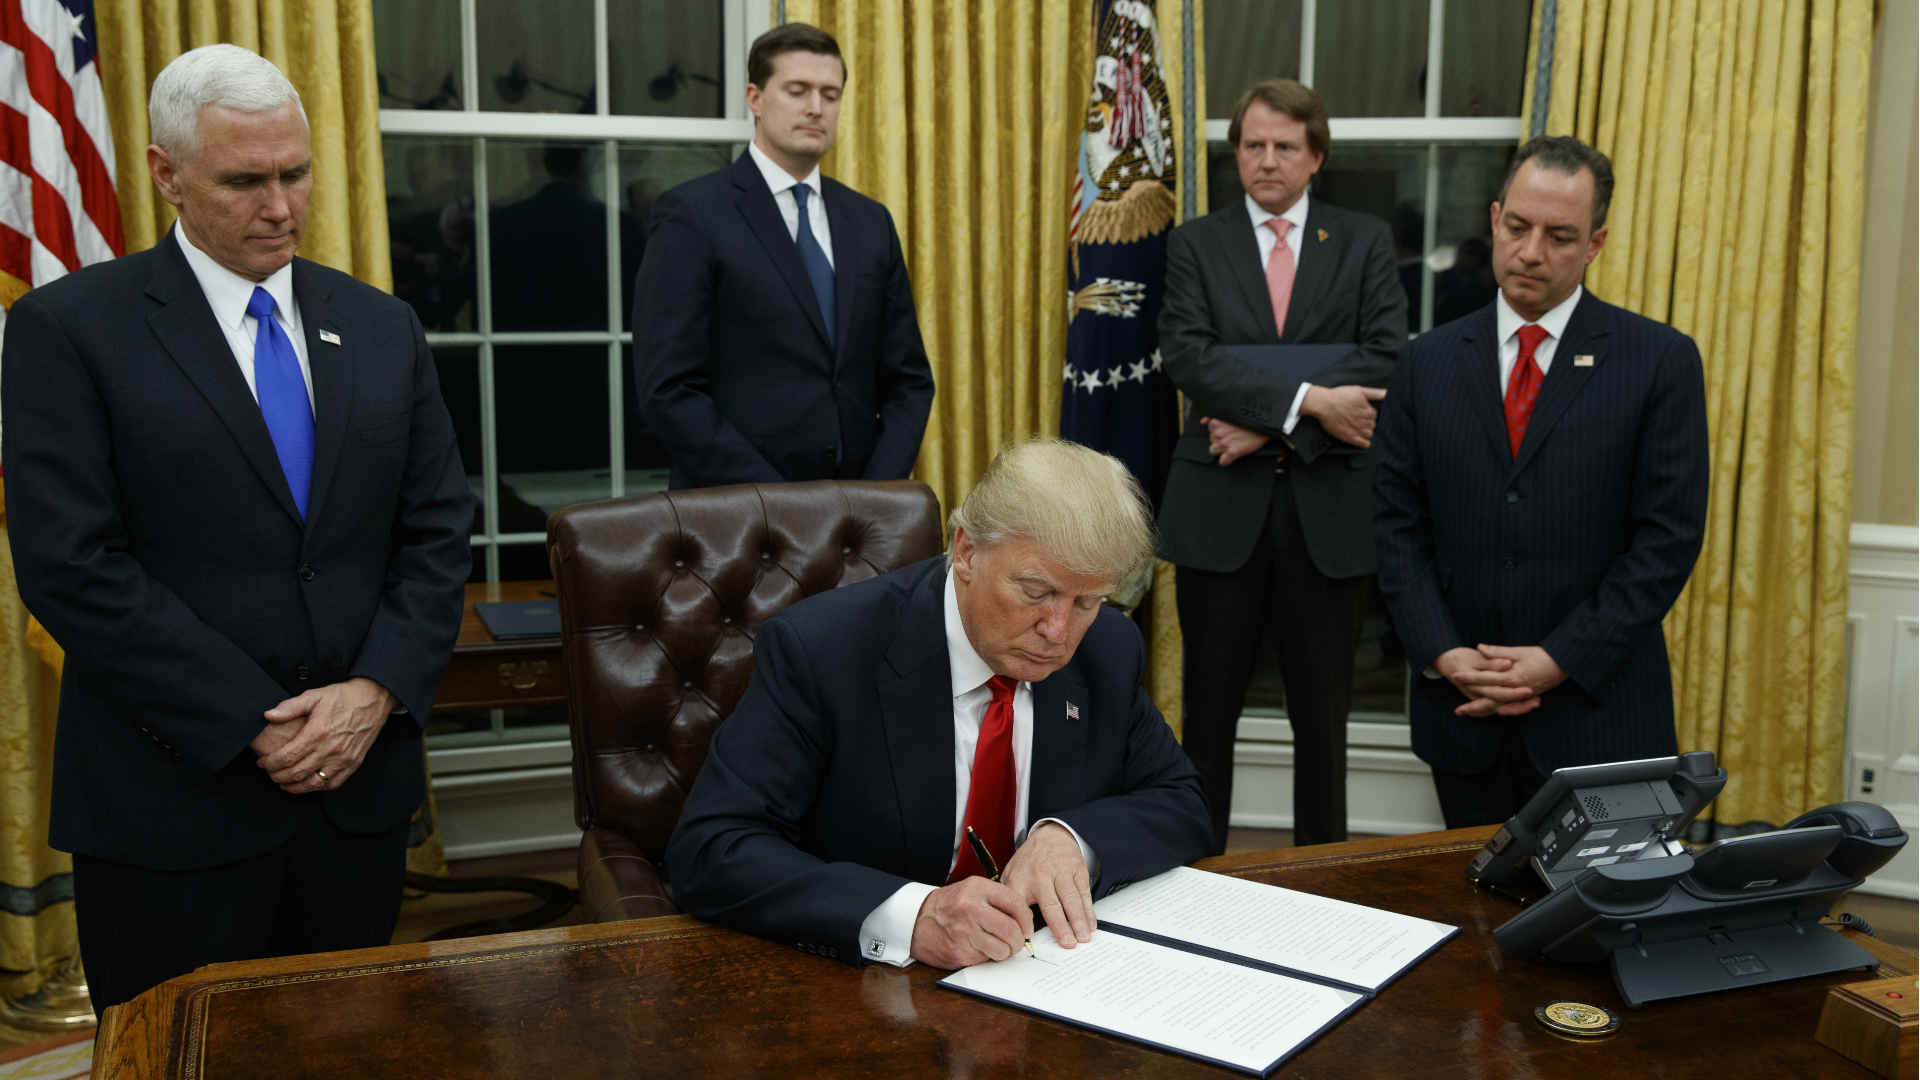 הנשיא טראמפ בחדר הסגלגל